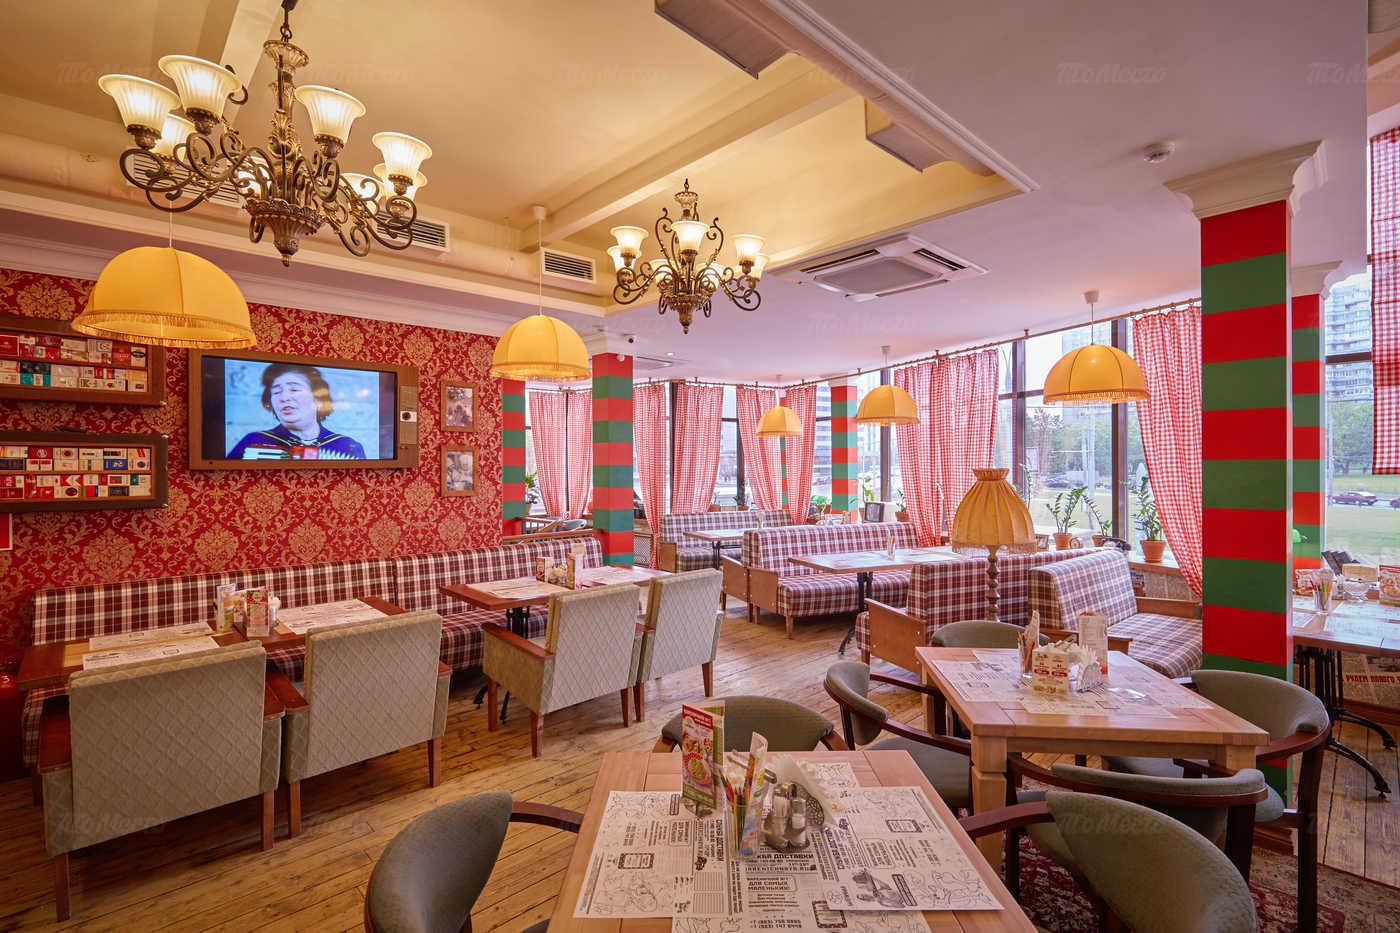 Кафе Вареничная №1 на Воронцовской улице фото 6